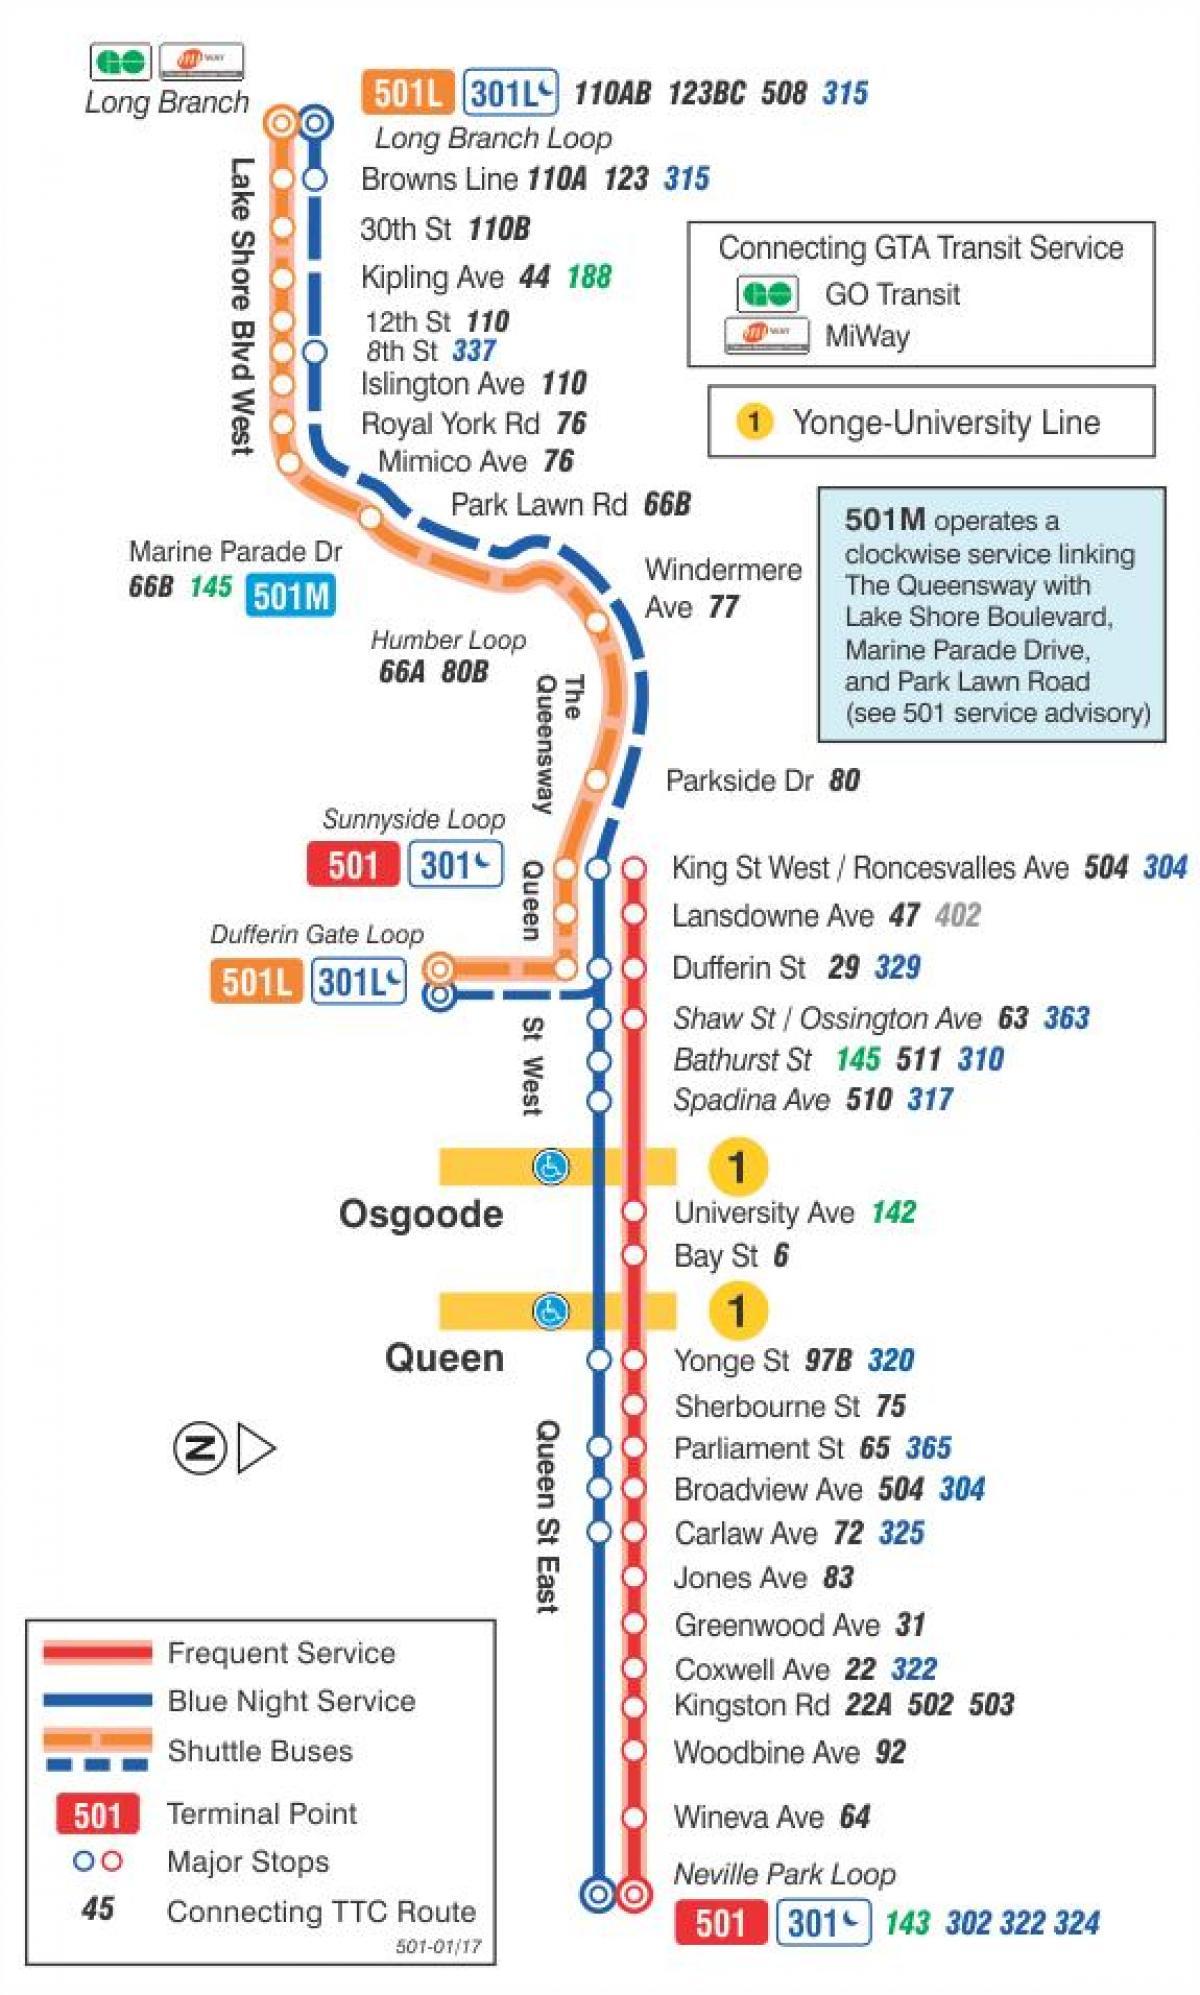 trikk kart Trikk linje 501 Queen kart   Kart over trikk linje 501 Queen (Canada) trikk kart